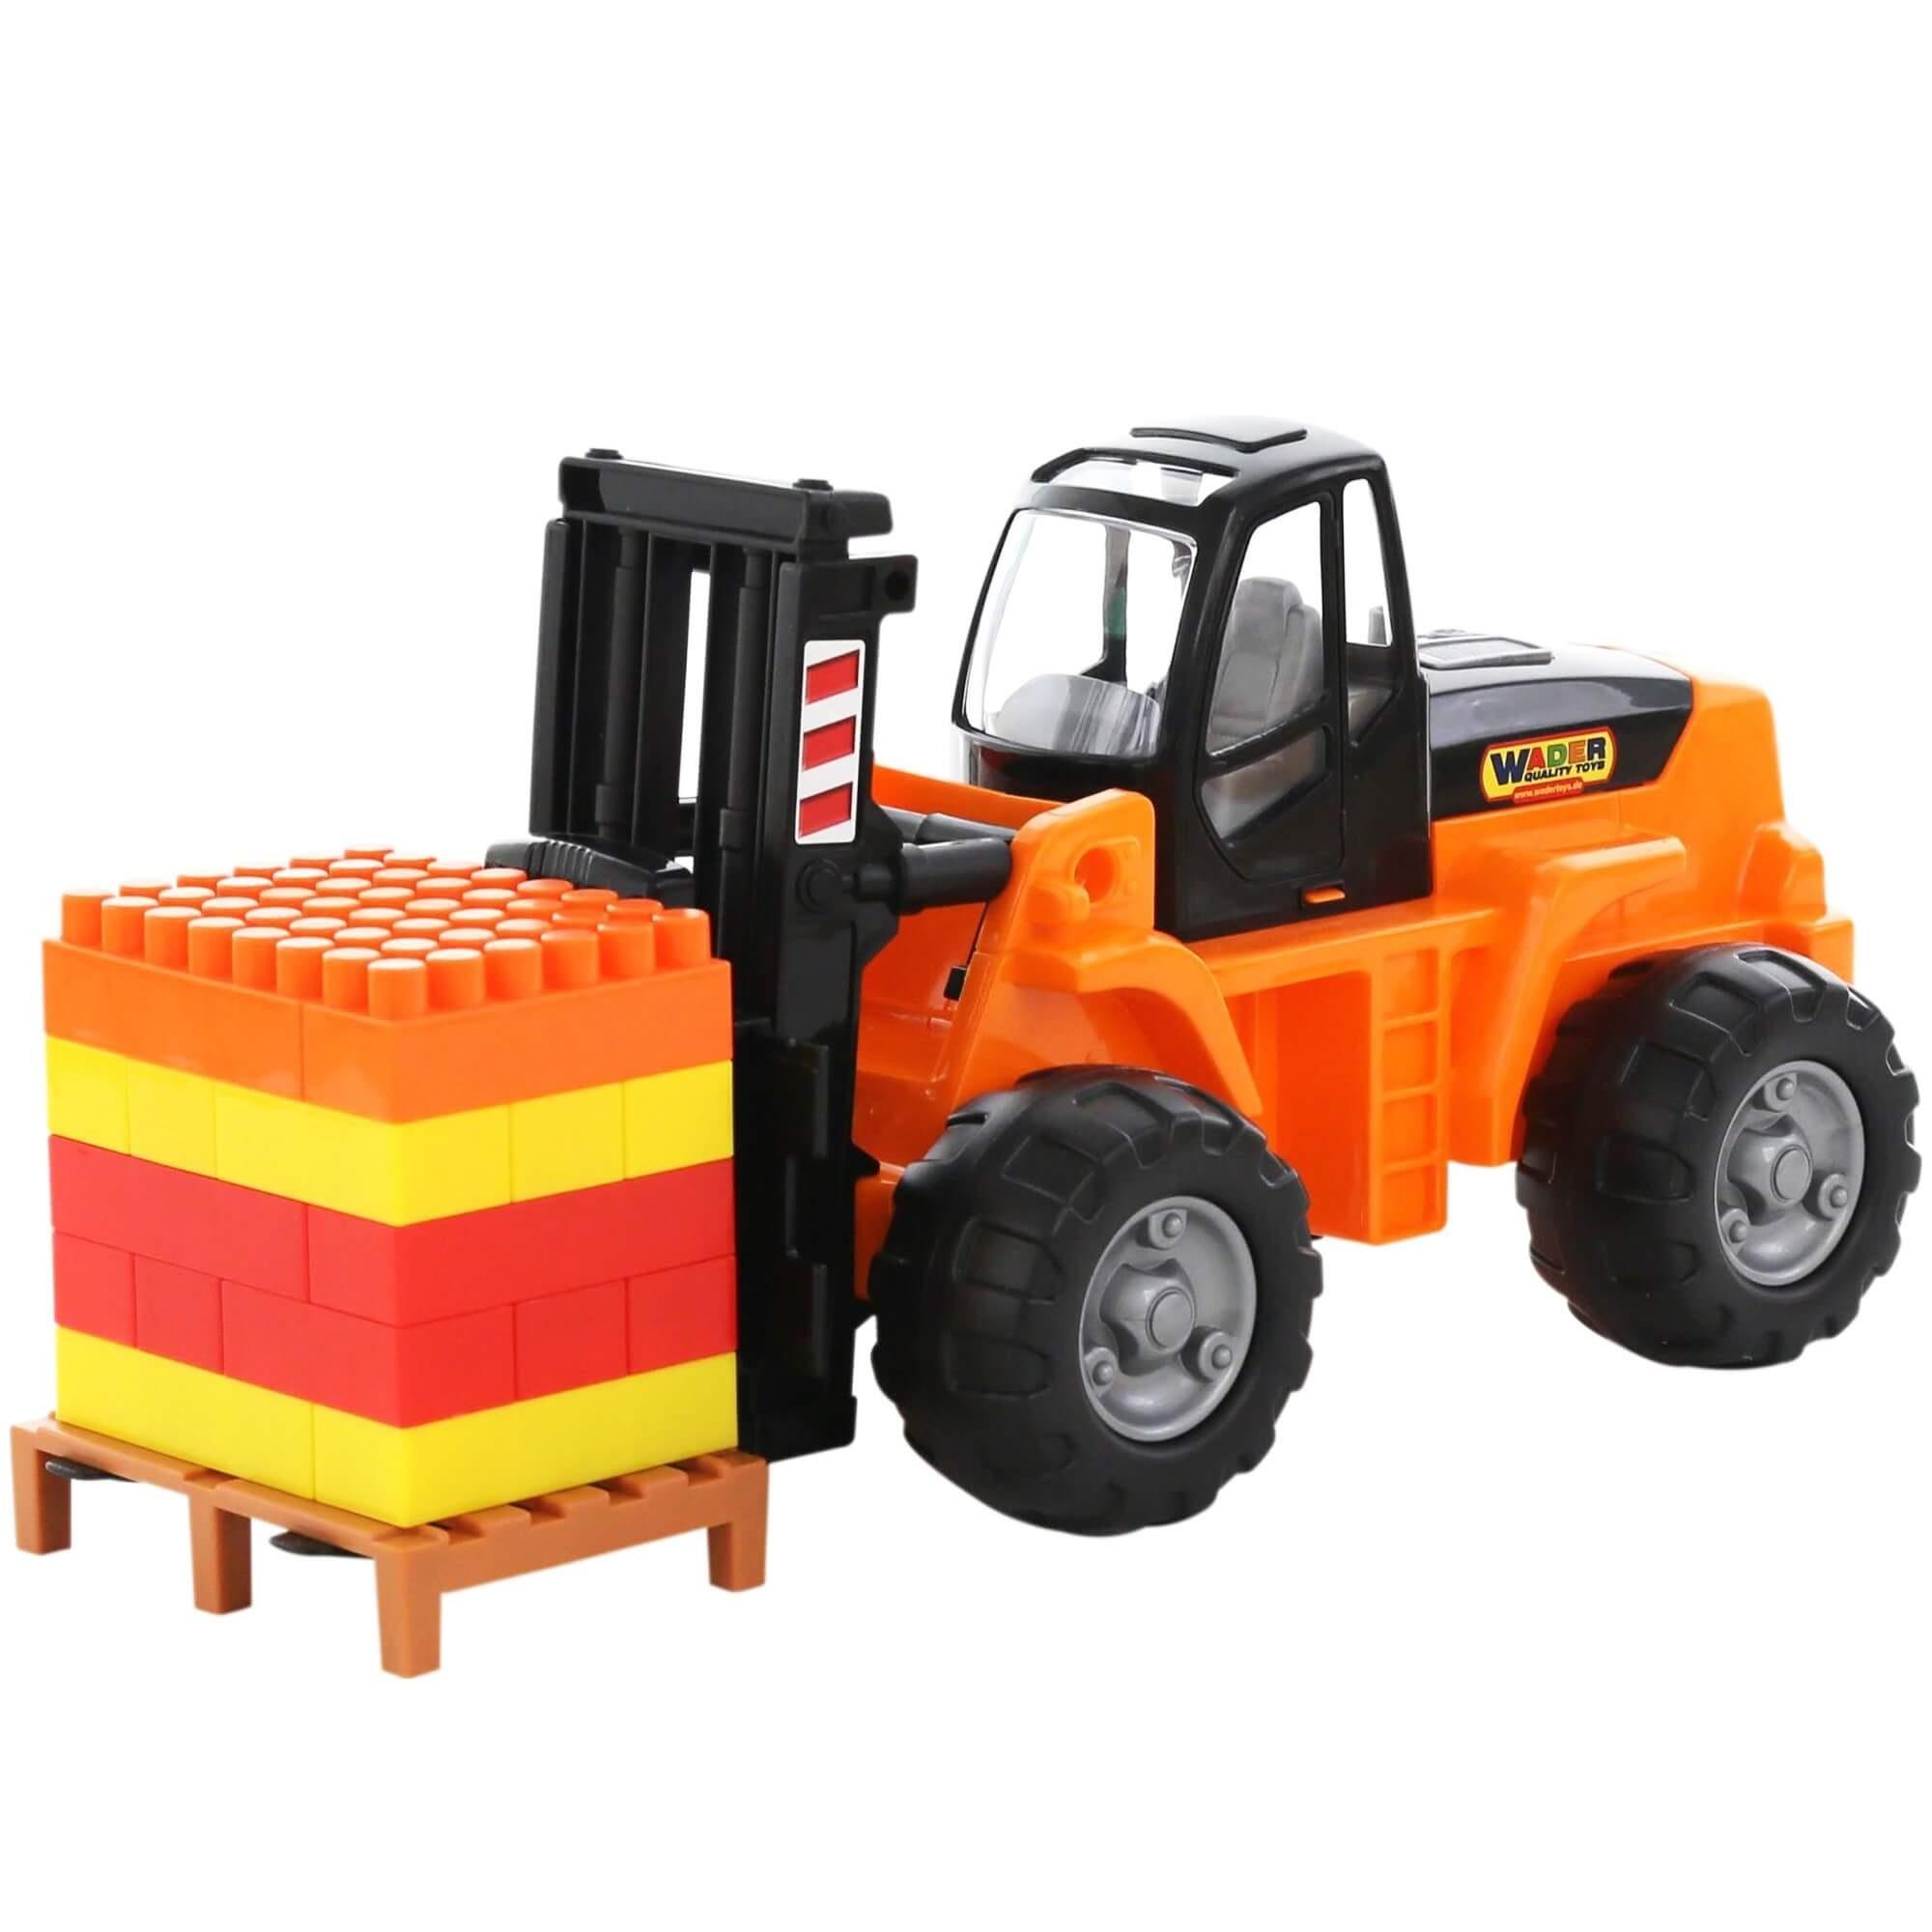 Xe nâng kèm bộ xếp hình 30 chi tiết đồ chơi - Wader Quality Toys